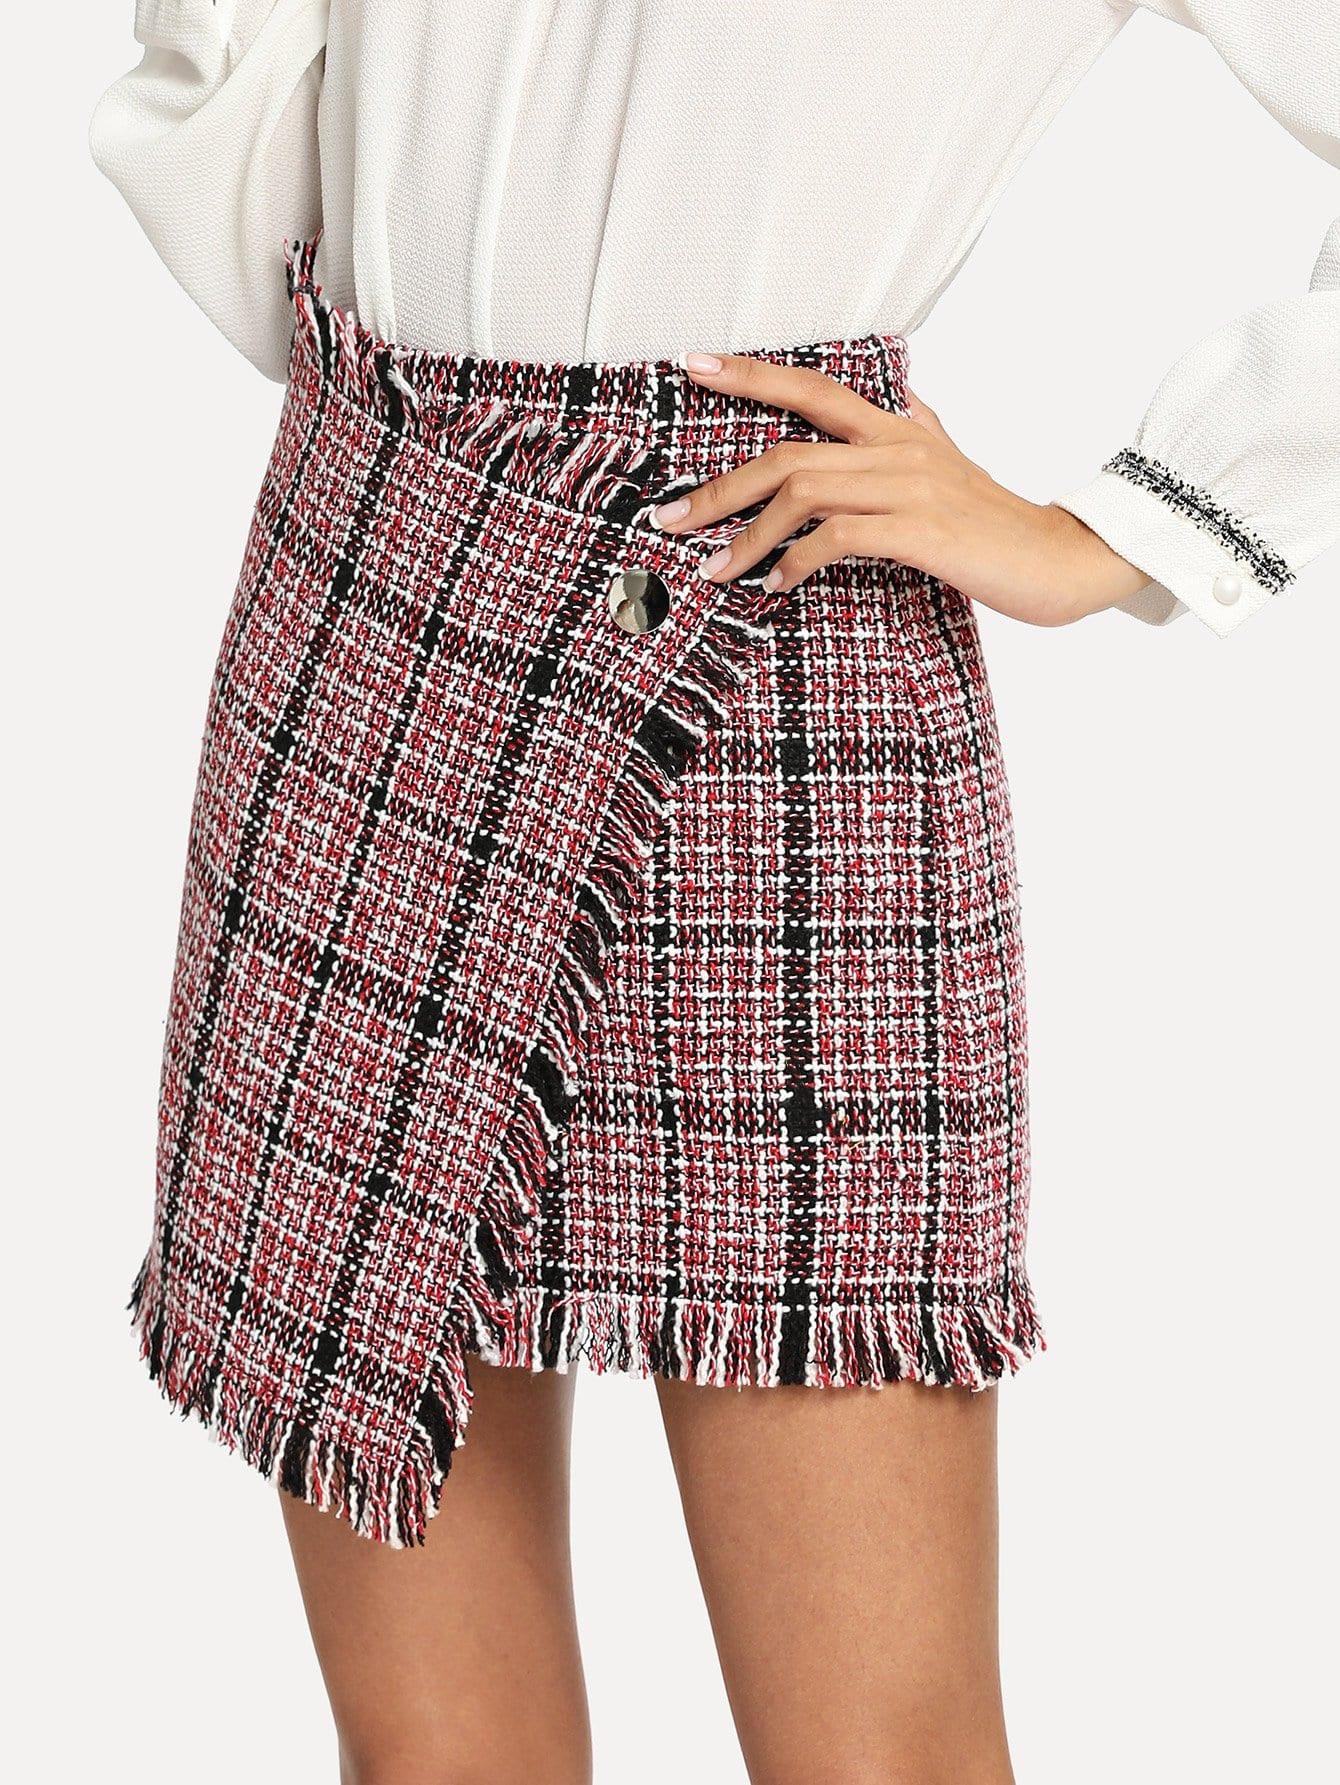 Асимметричная облегающая рваная юбка из грубого сукна, Gabi B, SheIn  - купить со скидкой